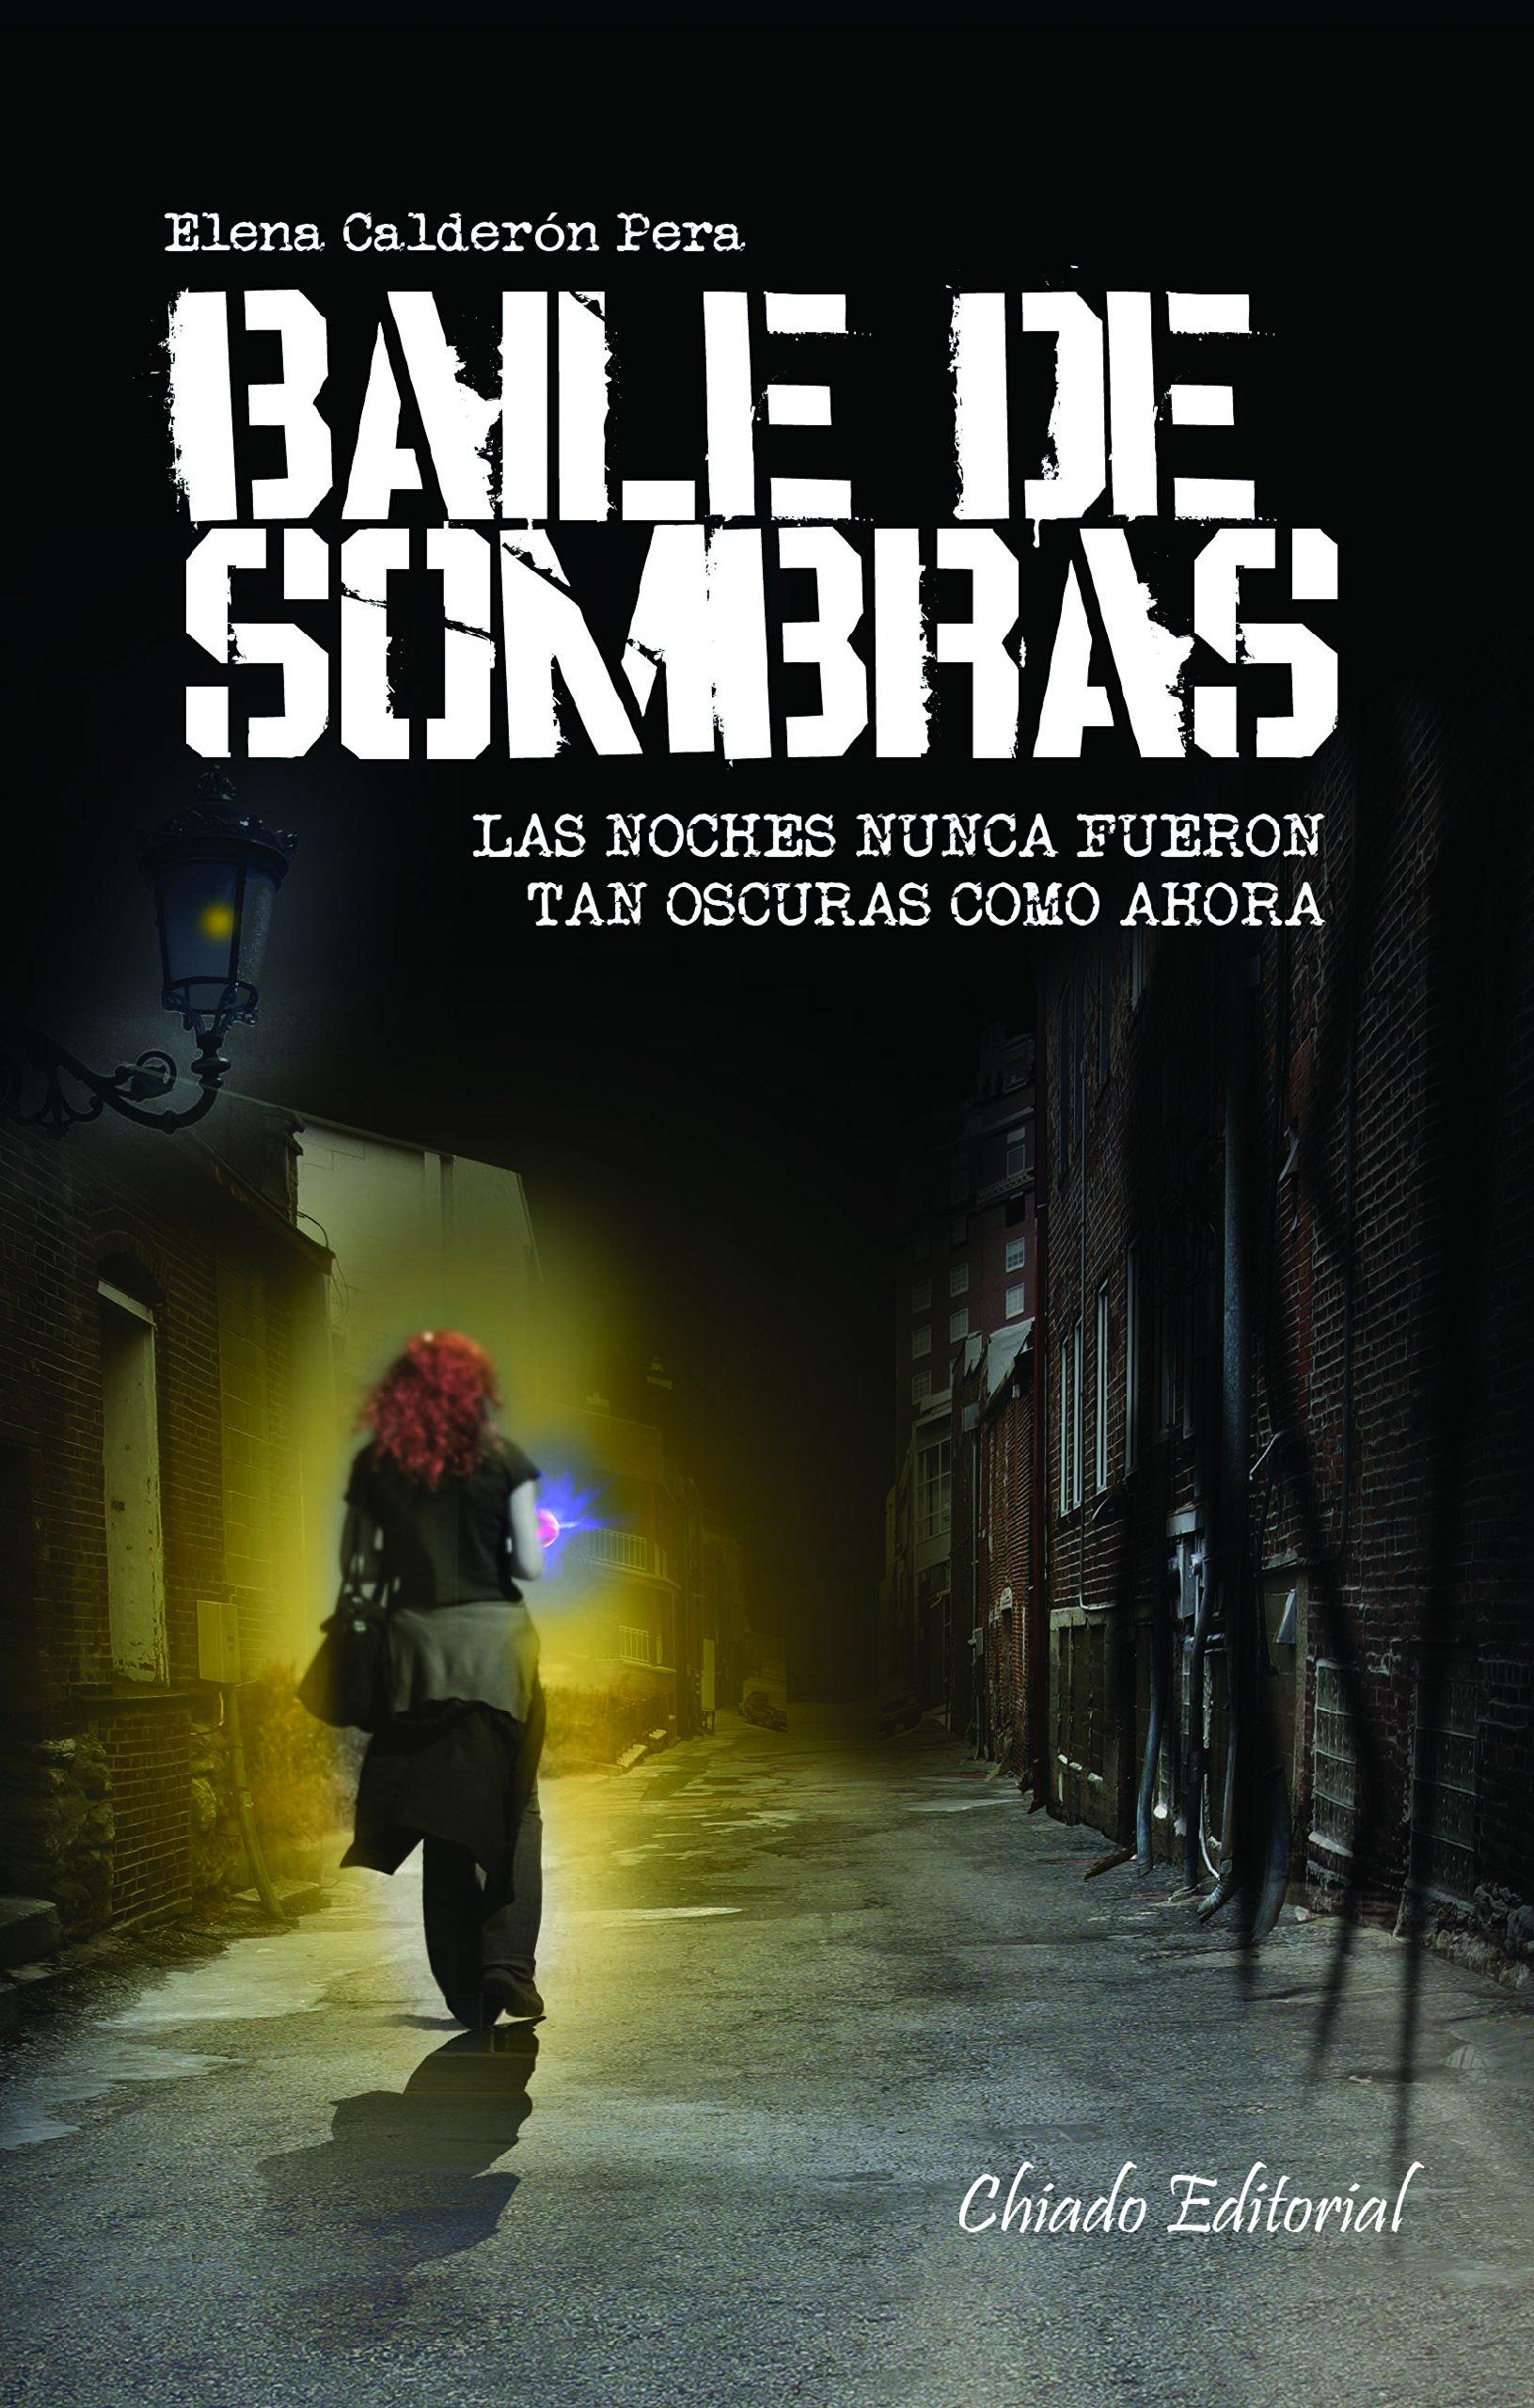 Baile de sombras (Literatura Juvenil): Amazon.es: Elena Calderón Pera: Libros